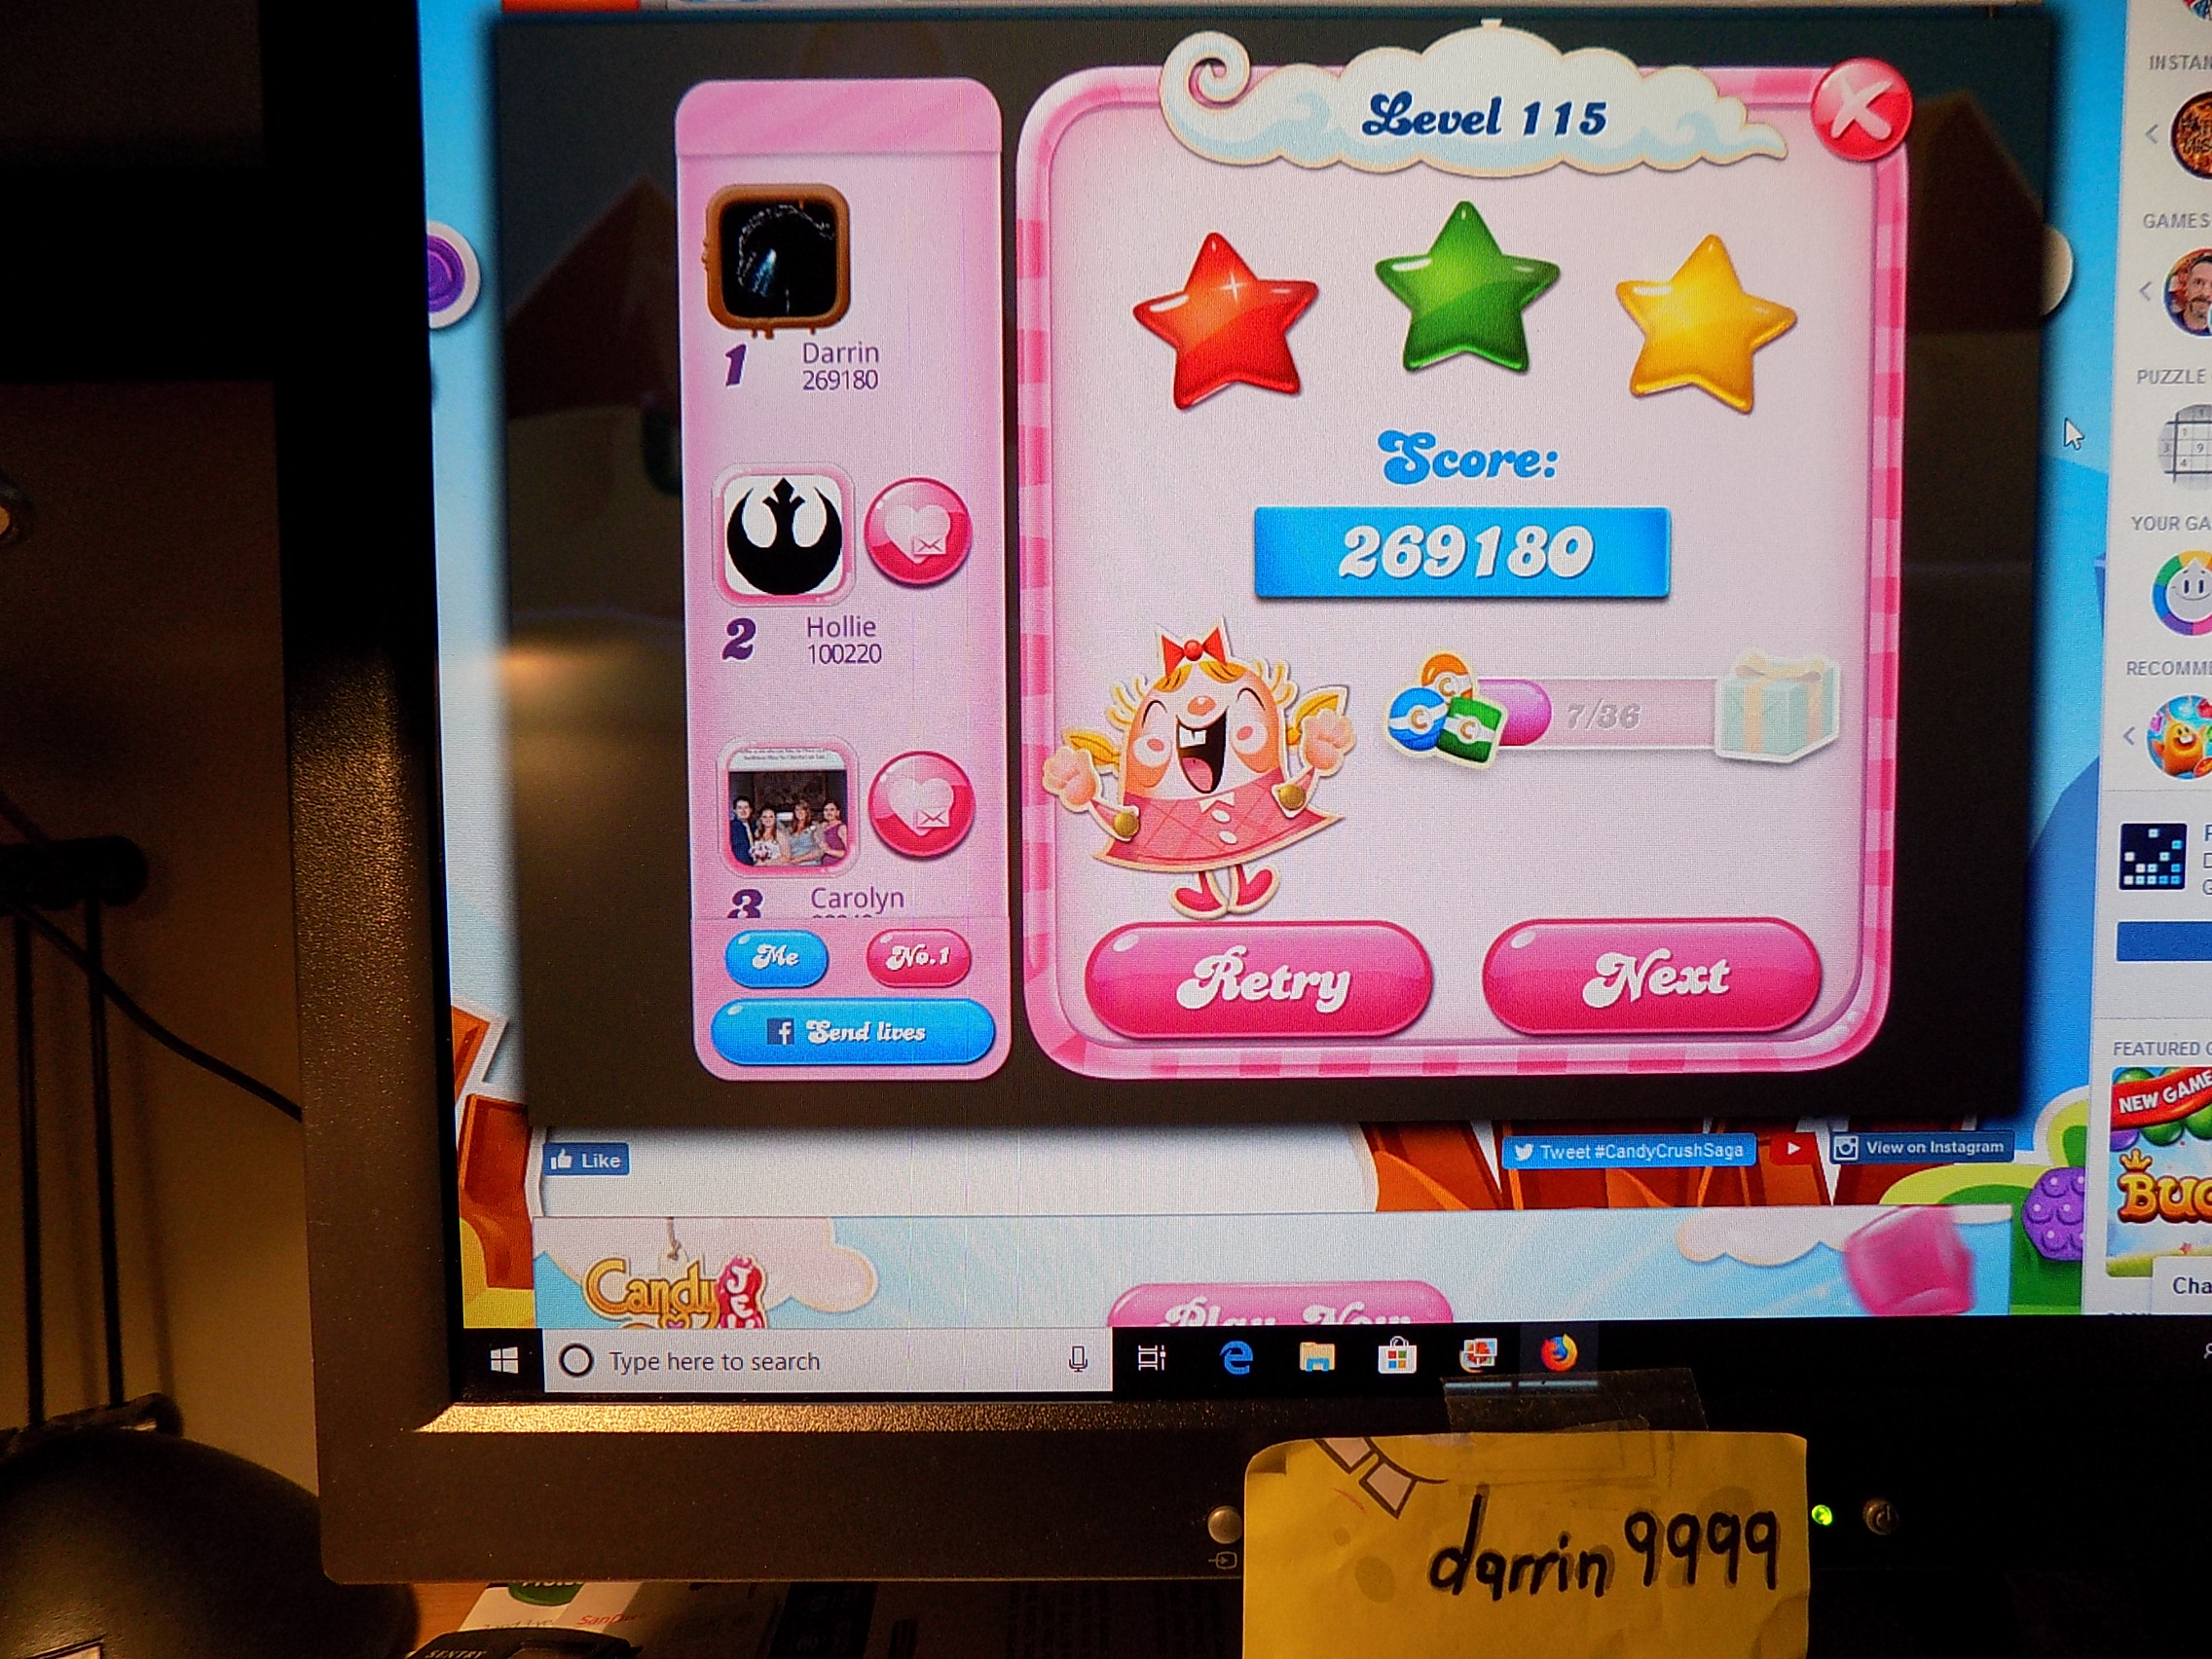 darrin9999: Candy Crush Saga: Level 115 (Web) 269,180 points on 2019-07-15 07:57:53